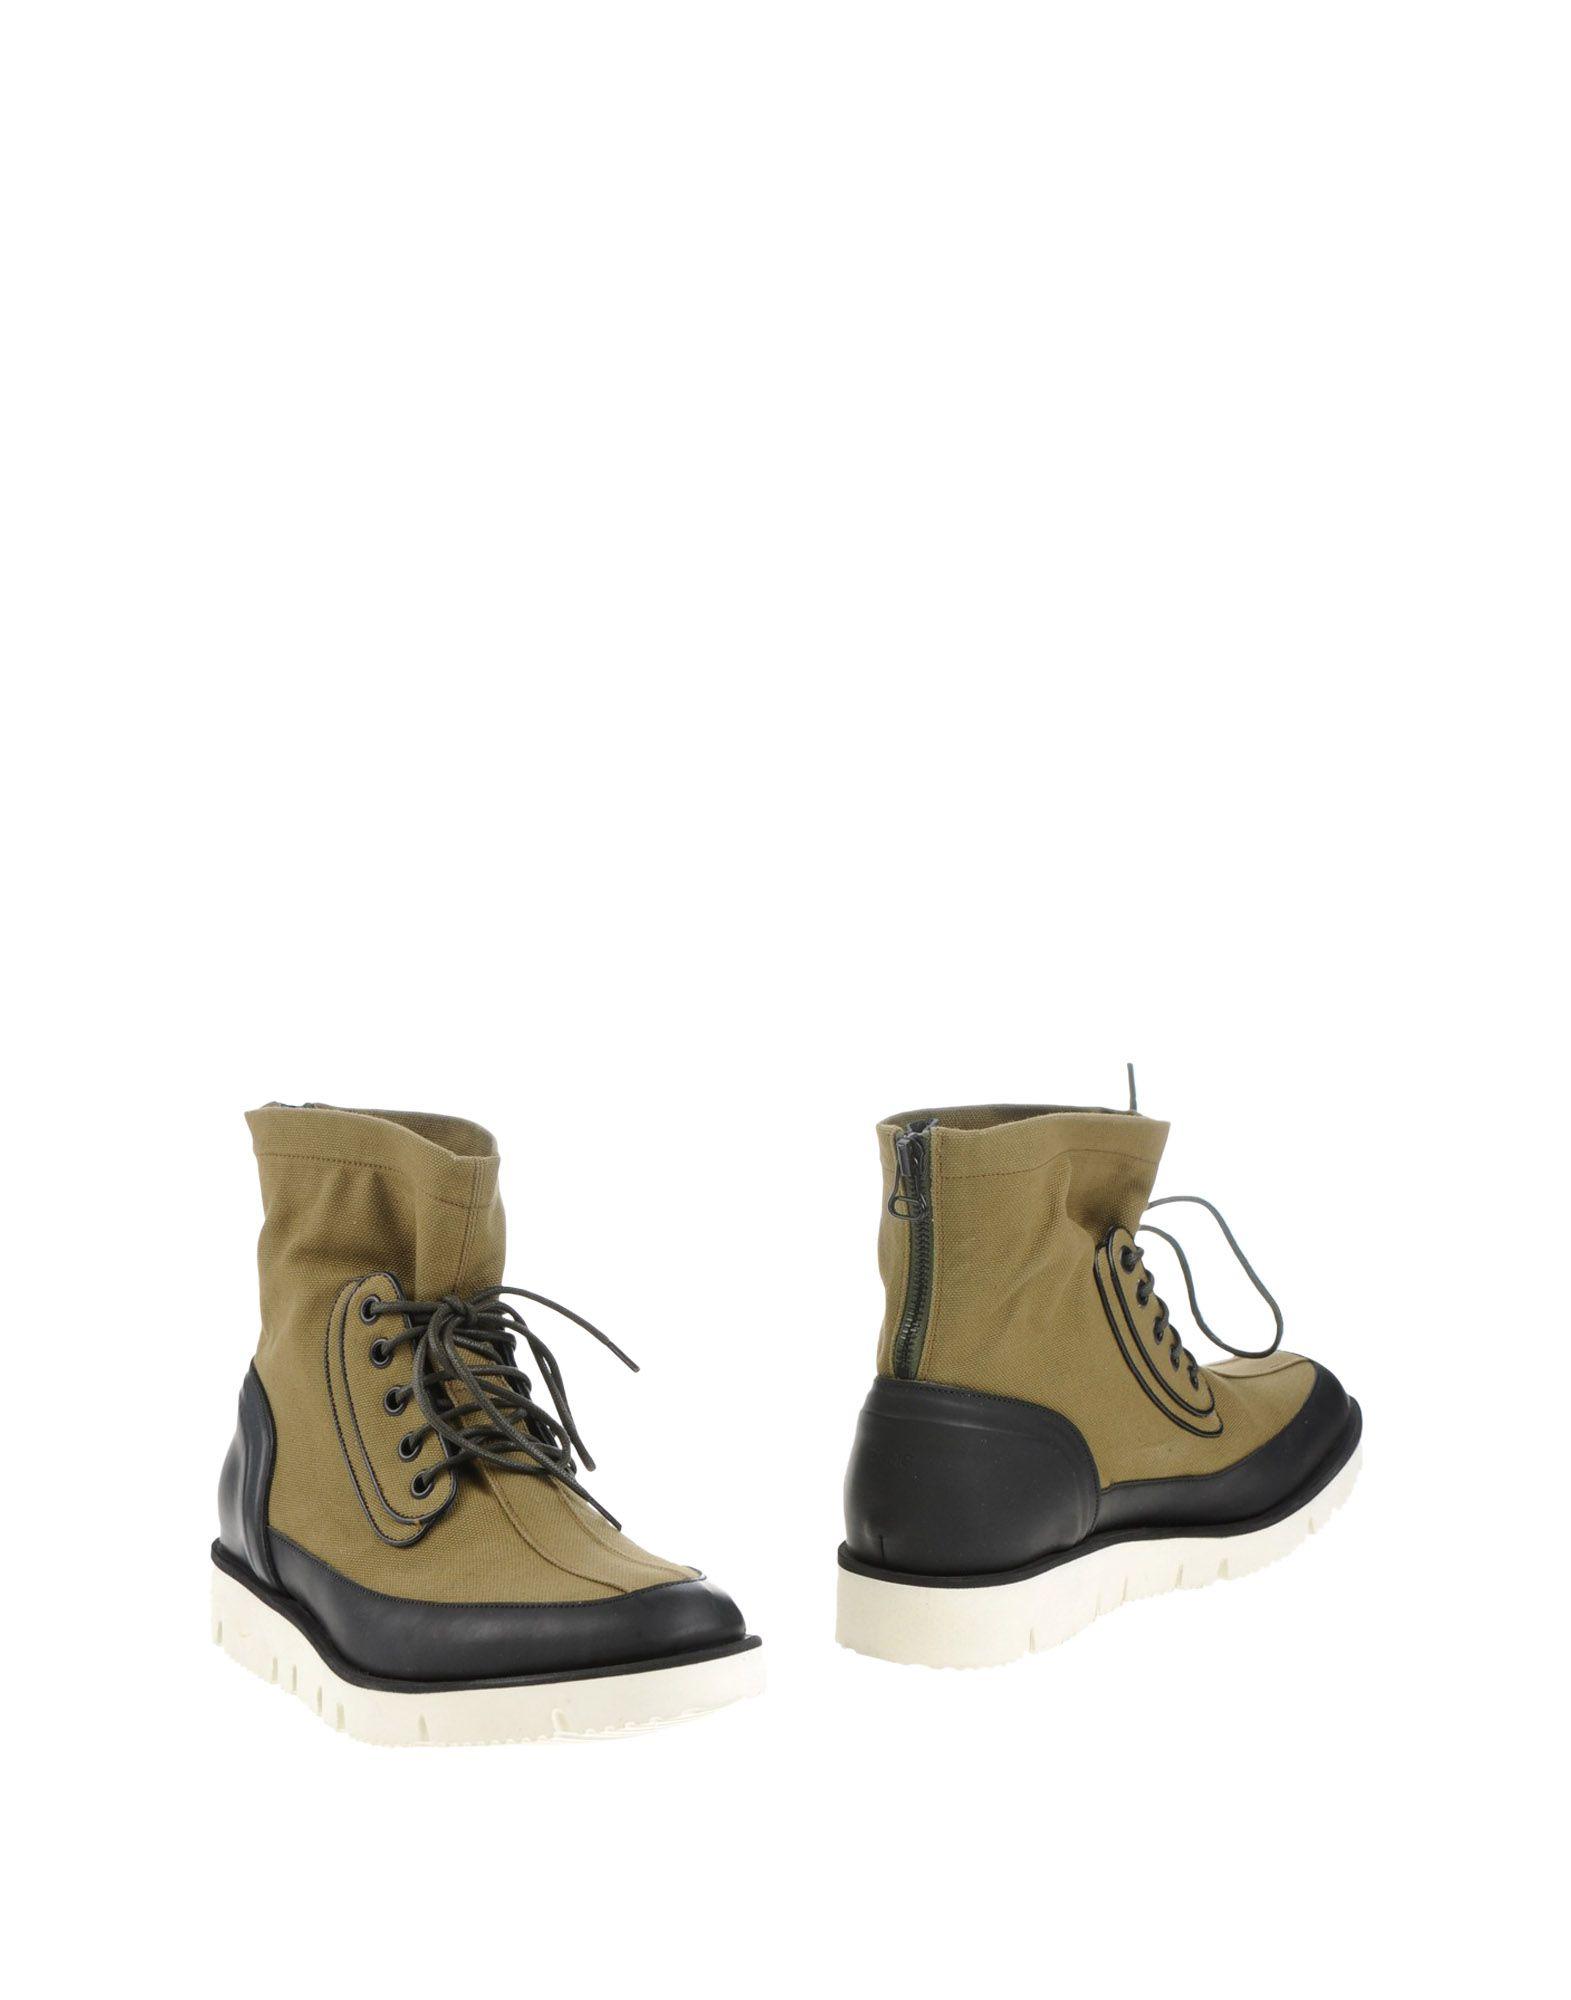 Oamc Gute Stiefelette Herren  11214805IE Gute Oamc Qualität beliebte Schuhe 005397